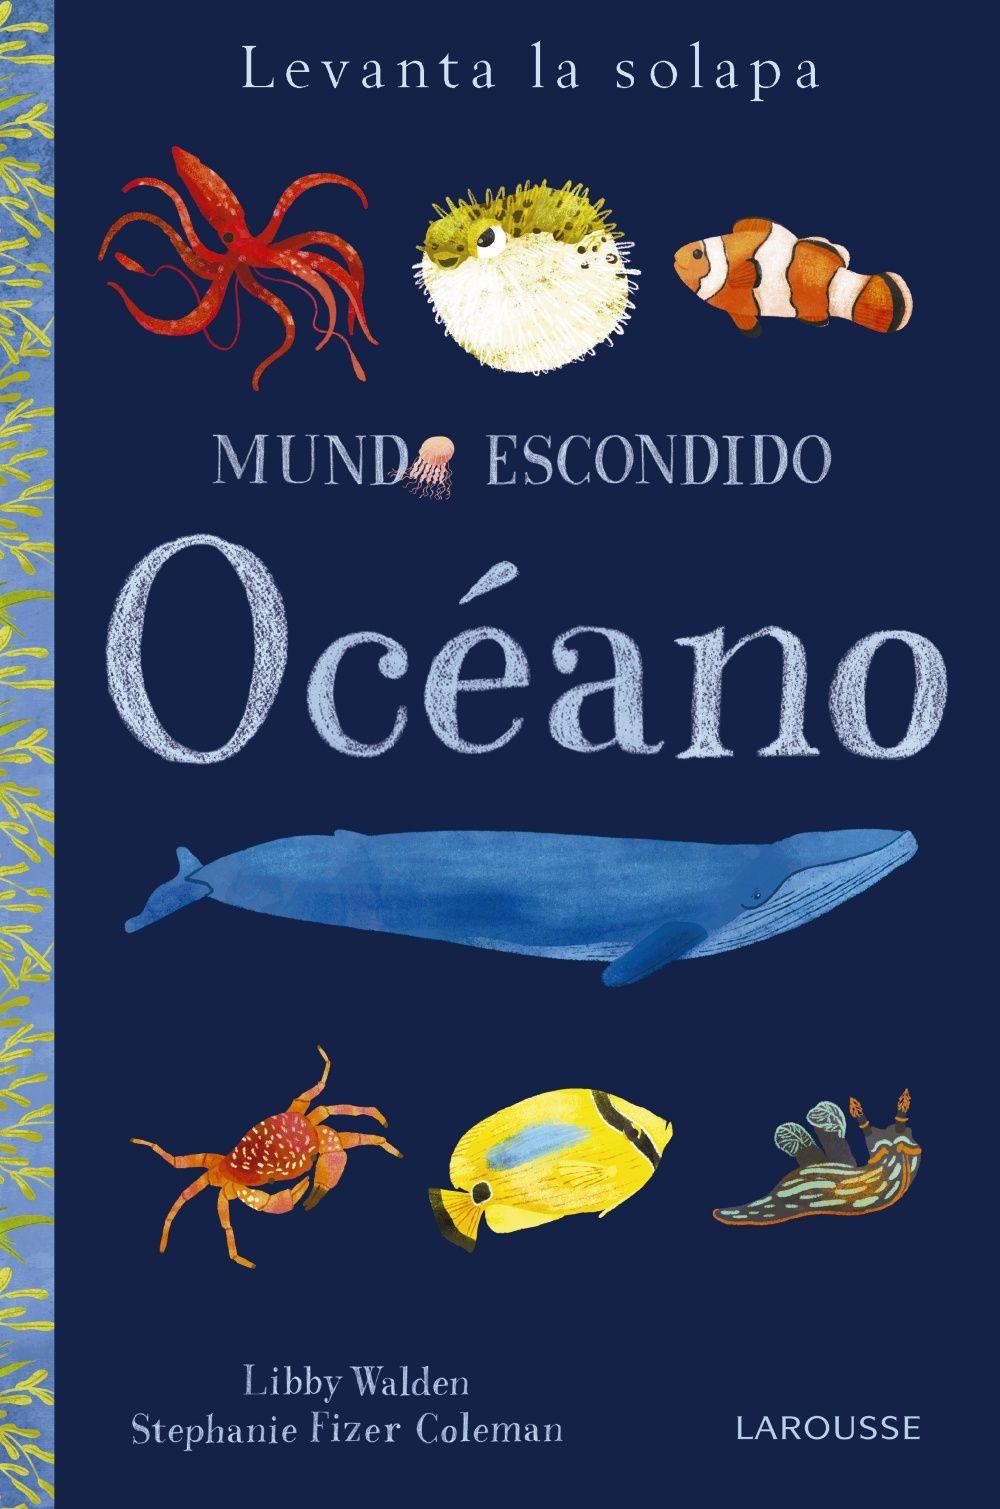 MUNDO ESCONDIDO OCEANO